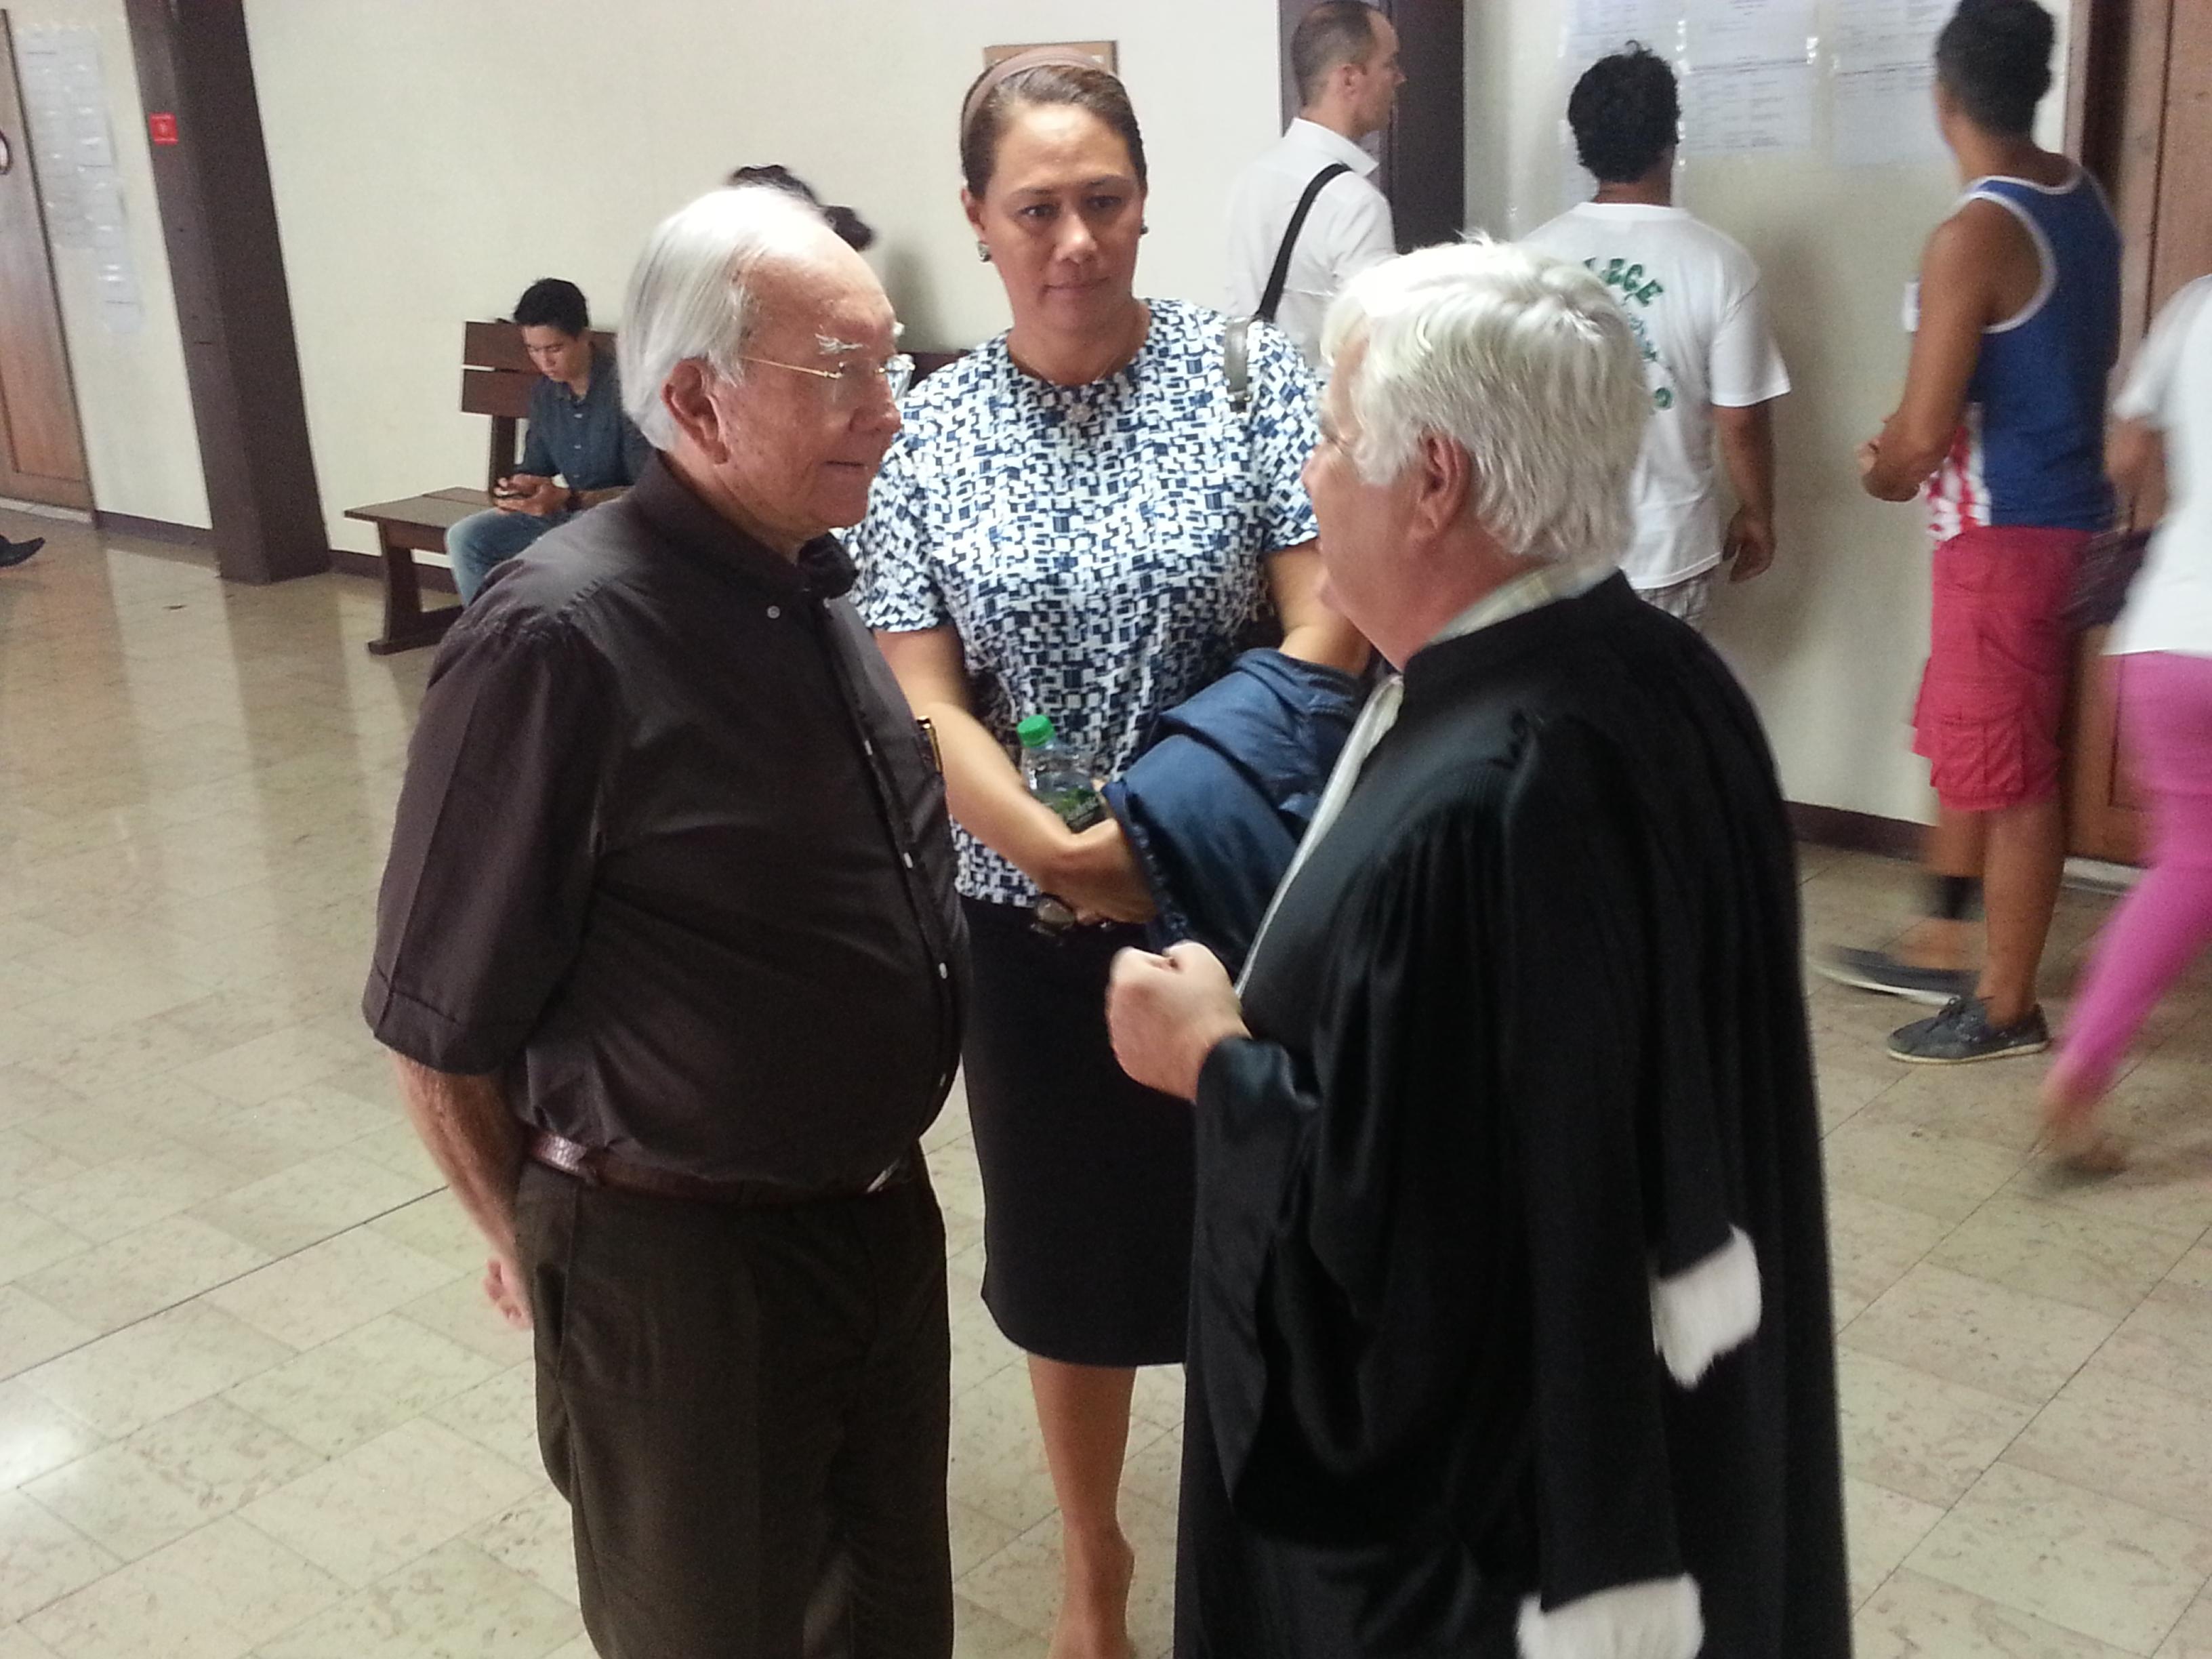 Gaston Flosse, Pascale Haiti et Me Quinquis, ce matin à l'audience de la cour d'appel.